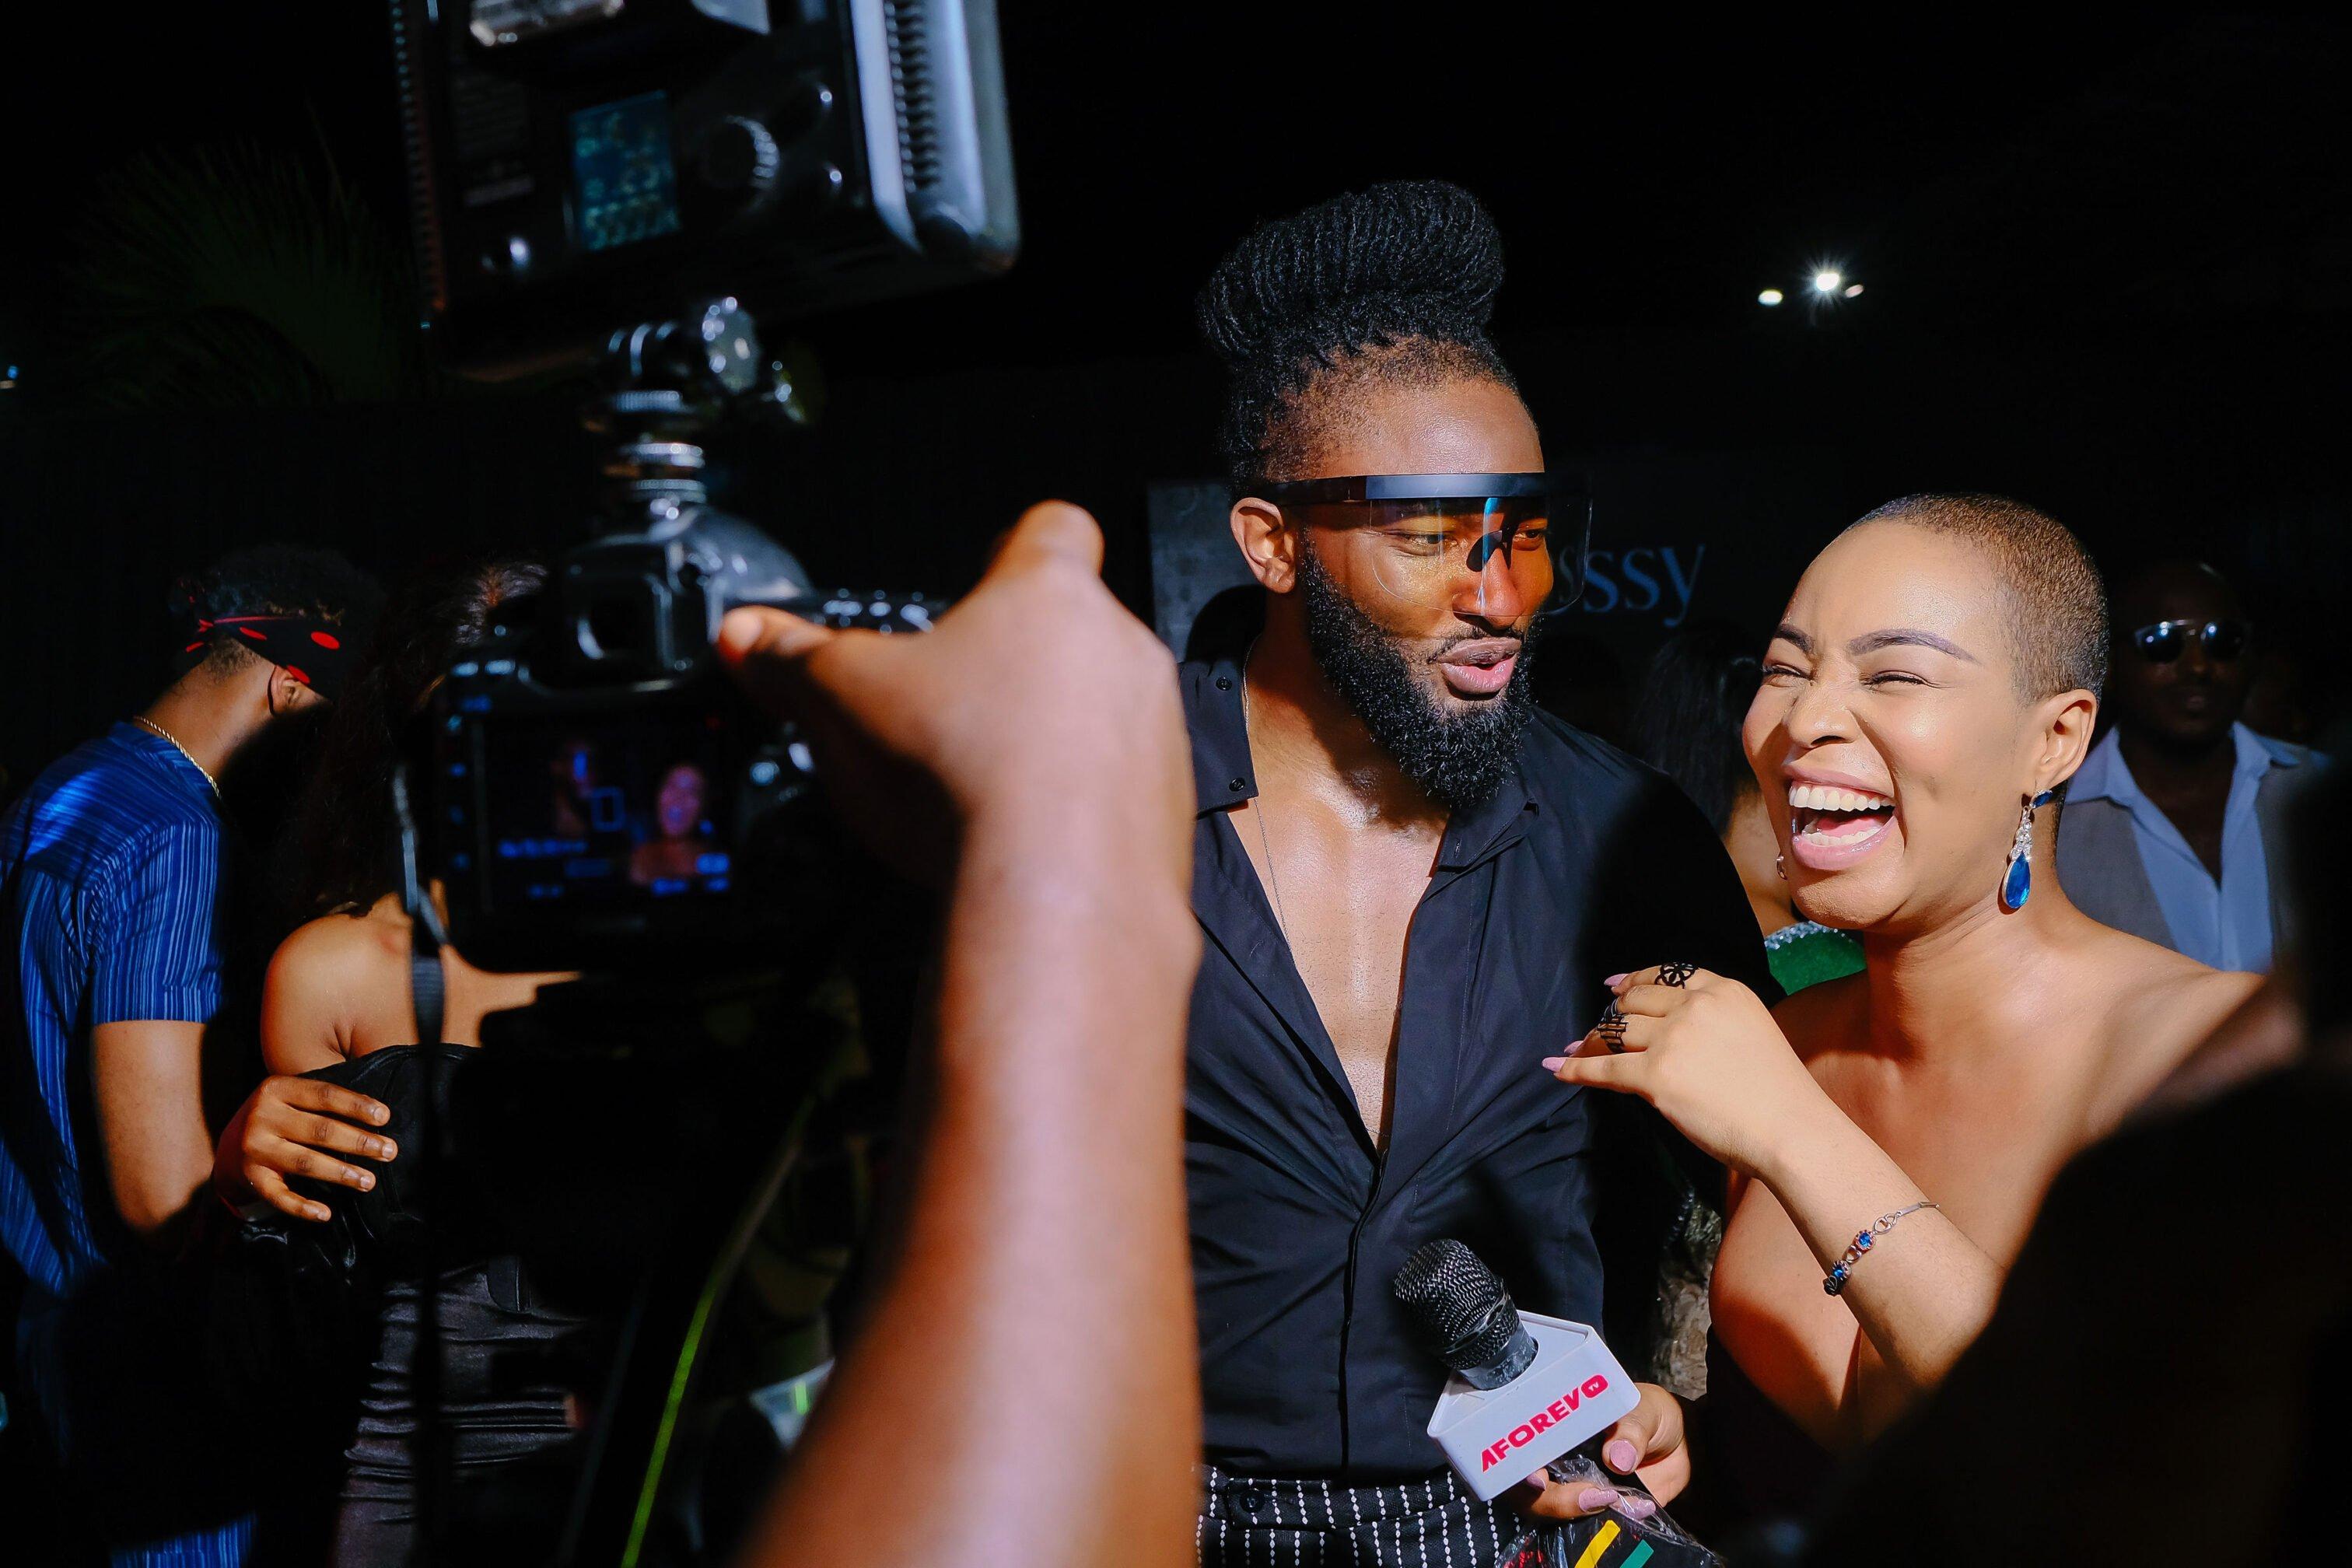 uti nwachukwu at the premiere of Nneka the pretty serpent